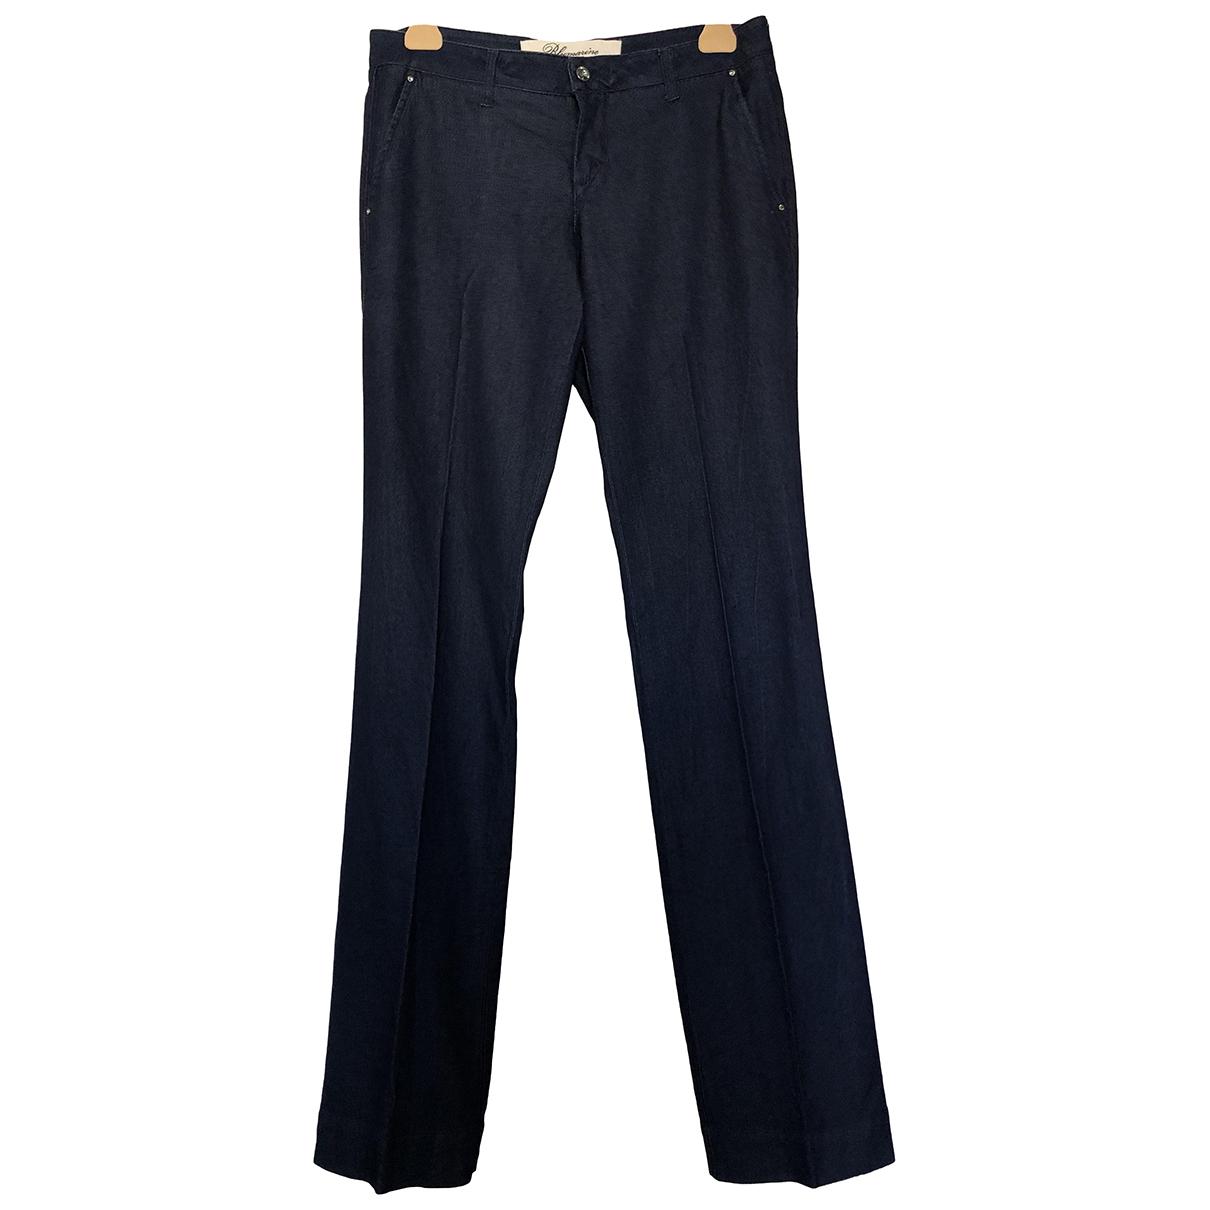 Blumarine N Blue Denim - Jeans Trousers for Women 44 IT